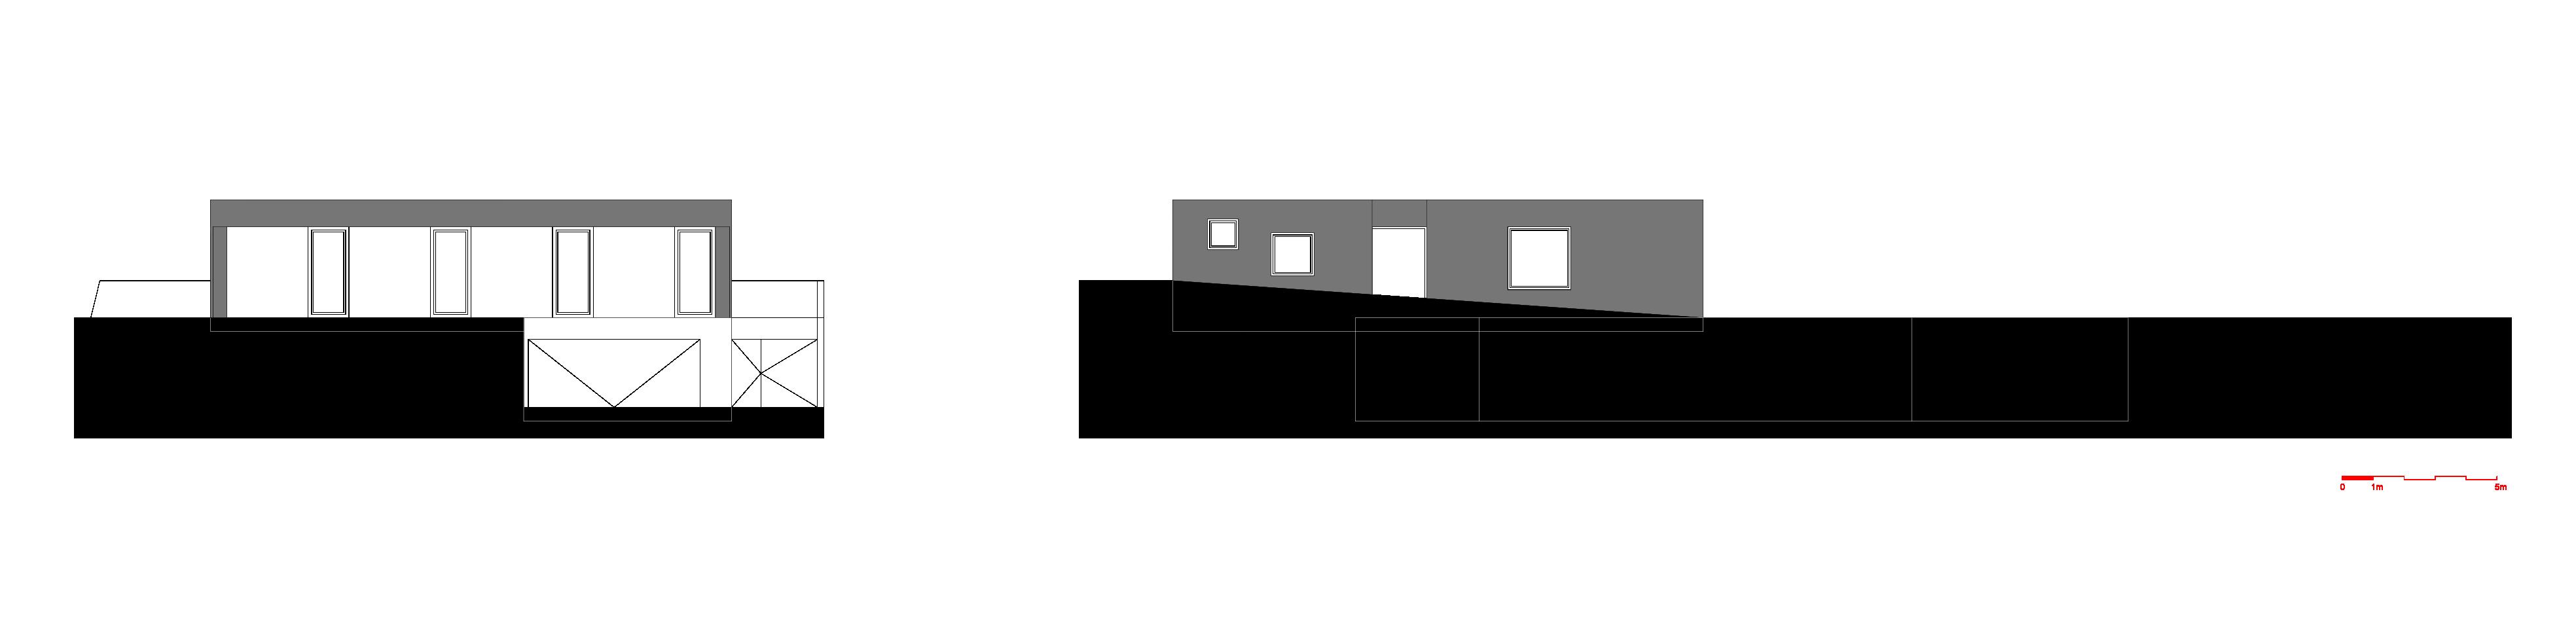 podklady-03